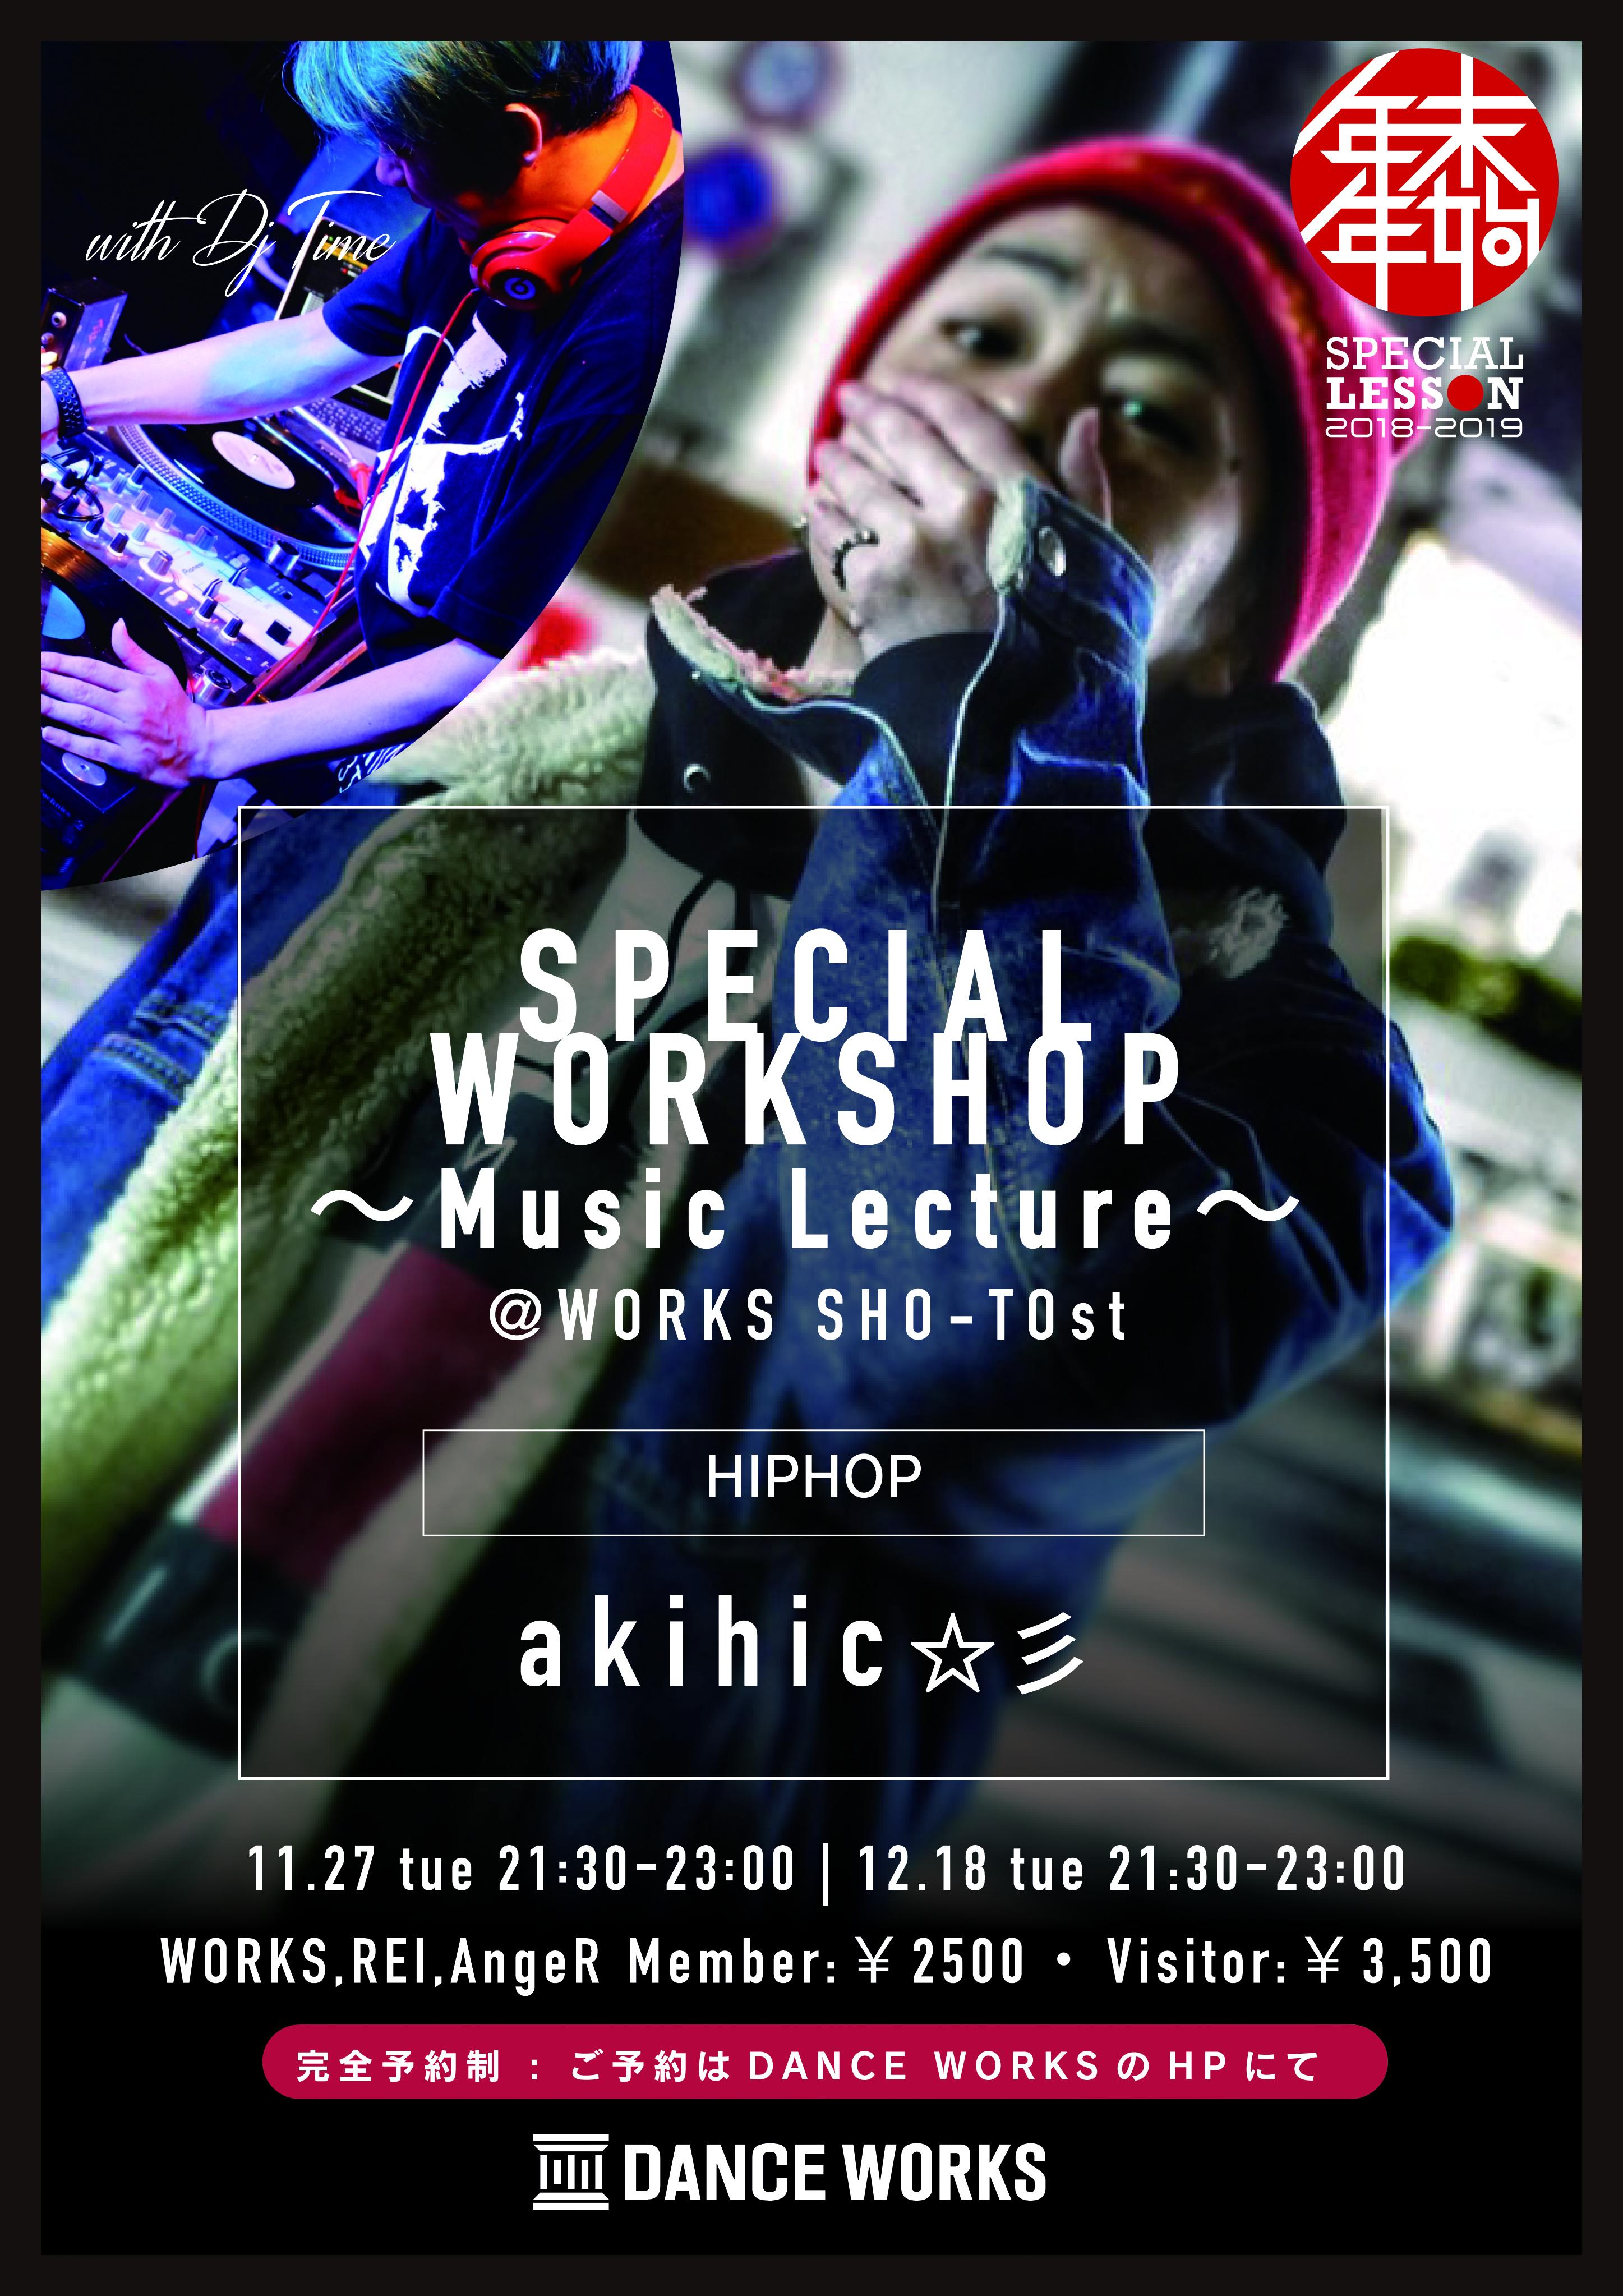 【年末年始スペシャルワークショップ】akihic☆彡によるSPECIAL WORKSHOP〜Music Lecture〜開催決定!!